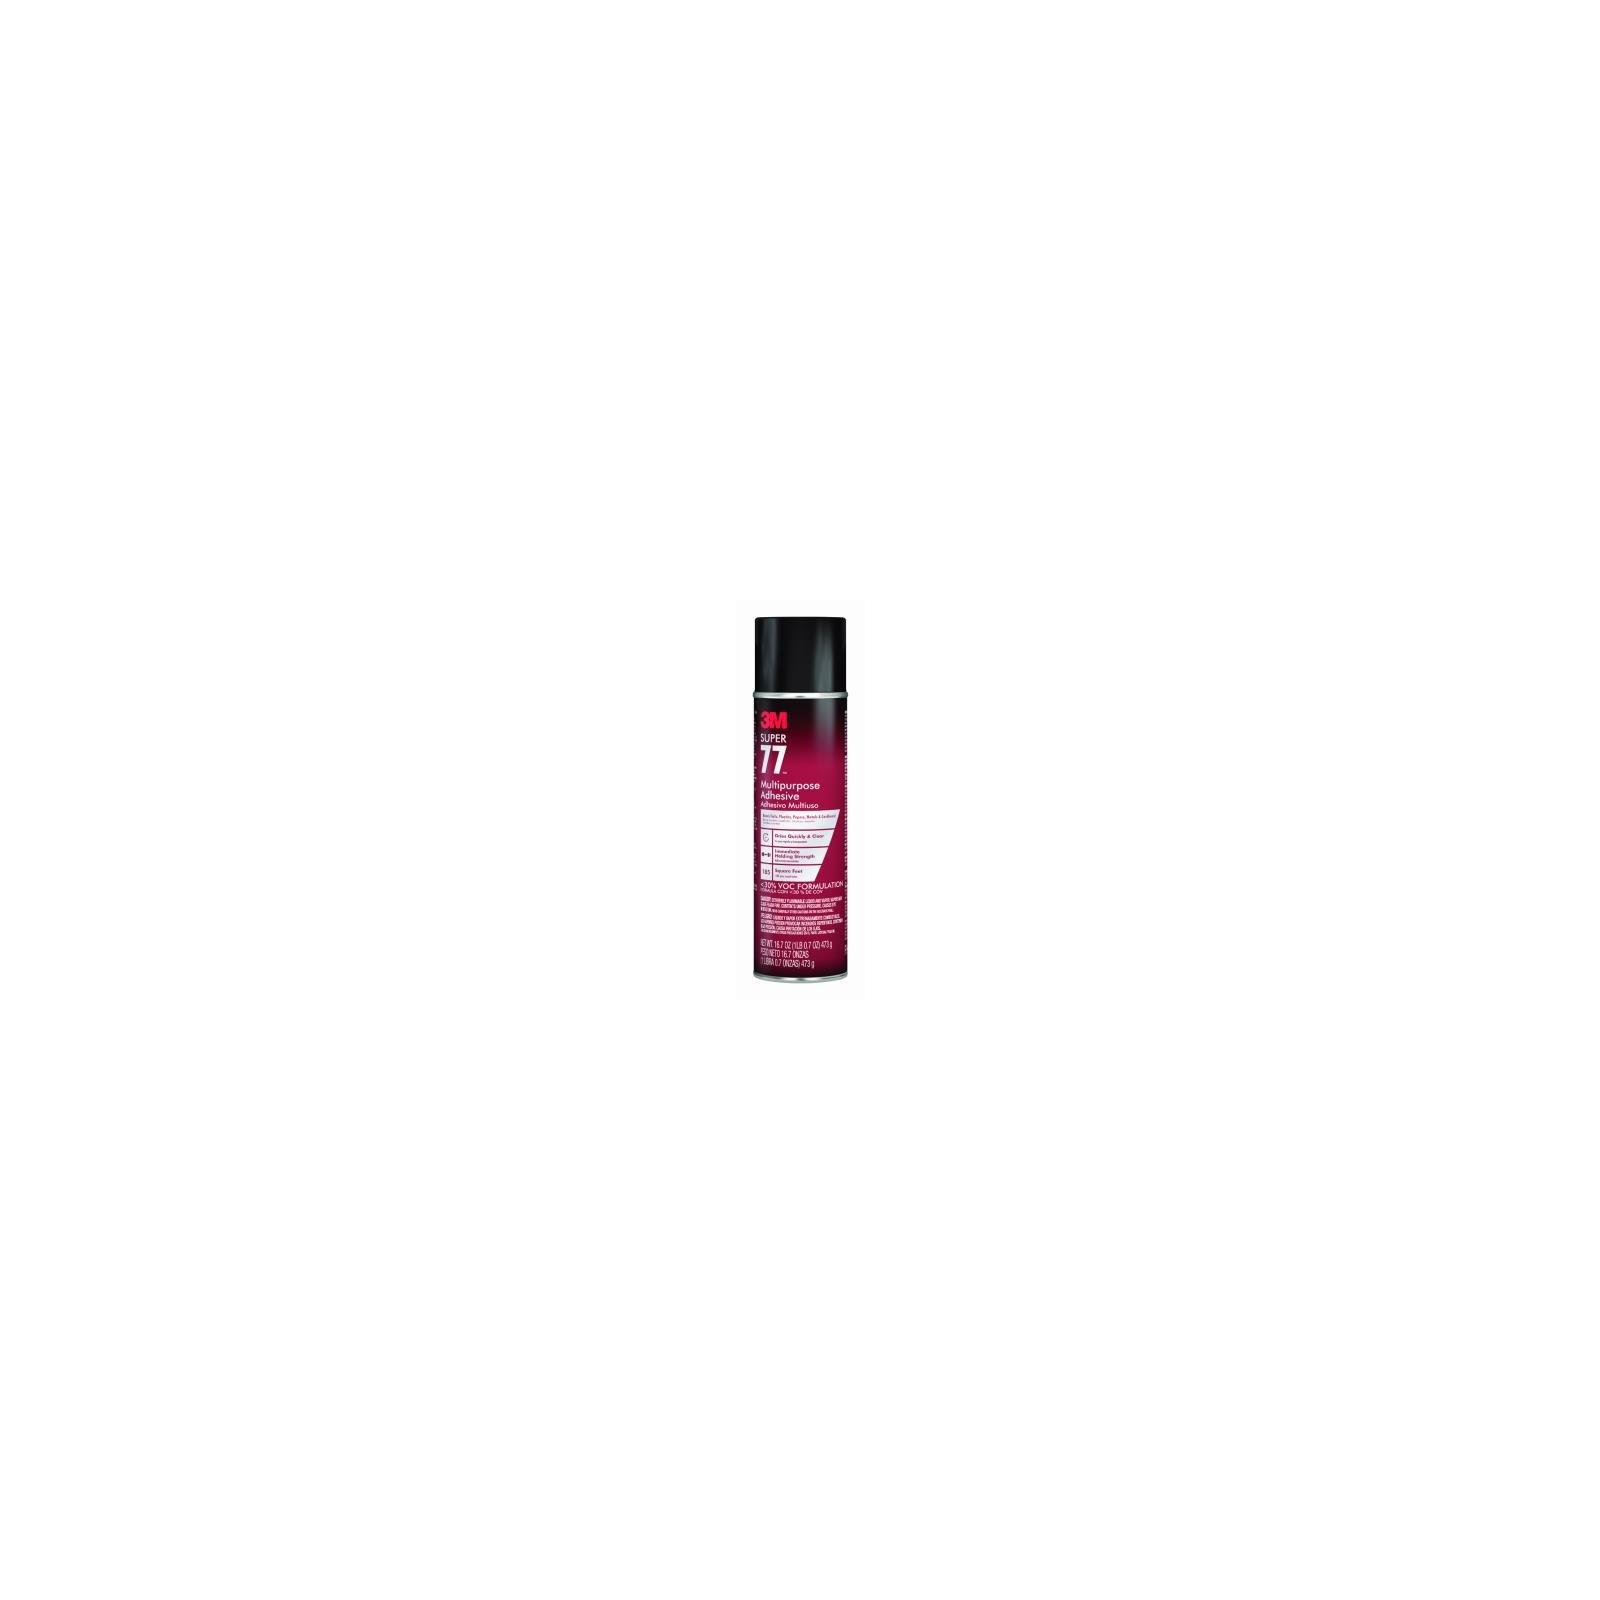 3M Super 77 Multipurpose Spray Adhesive 30% VOC, 16.7 oz, Pack of 12 cans